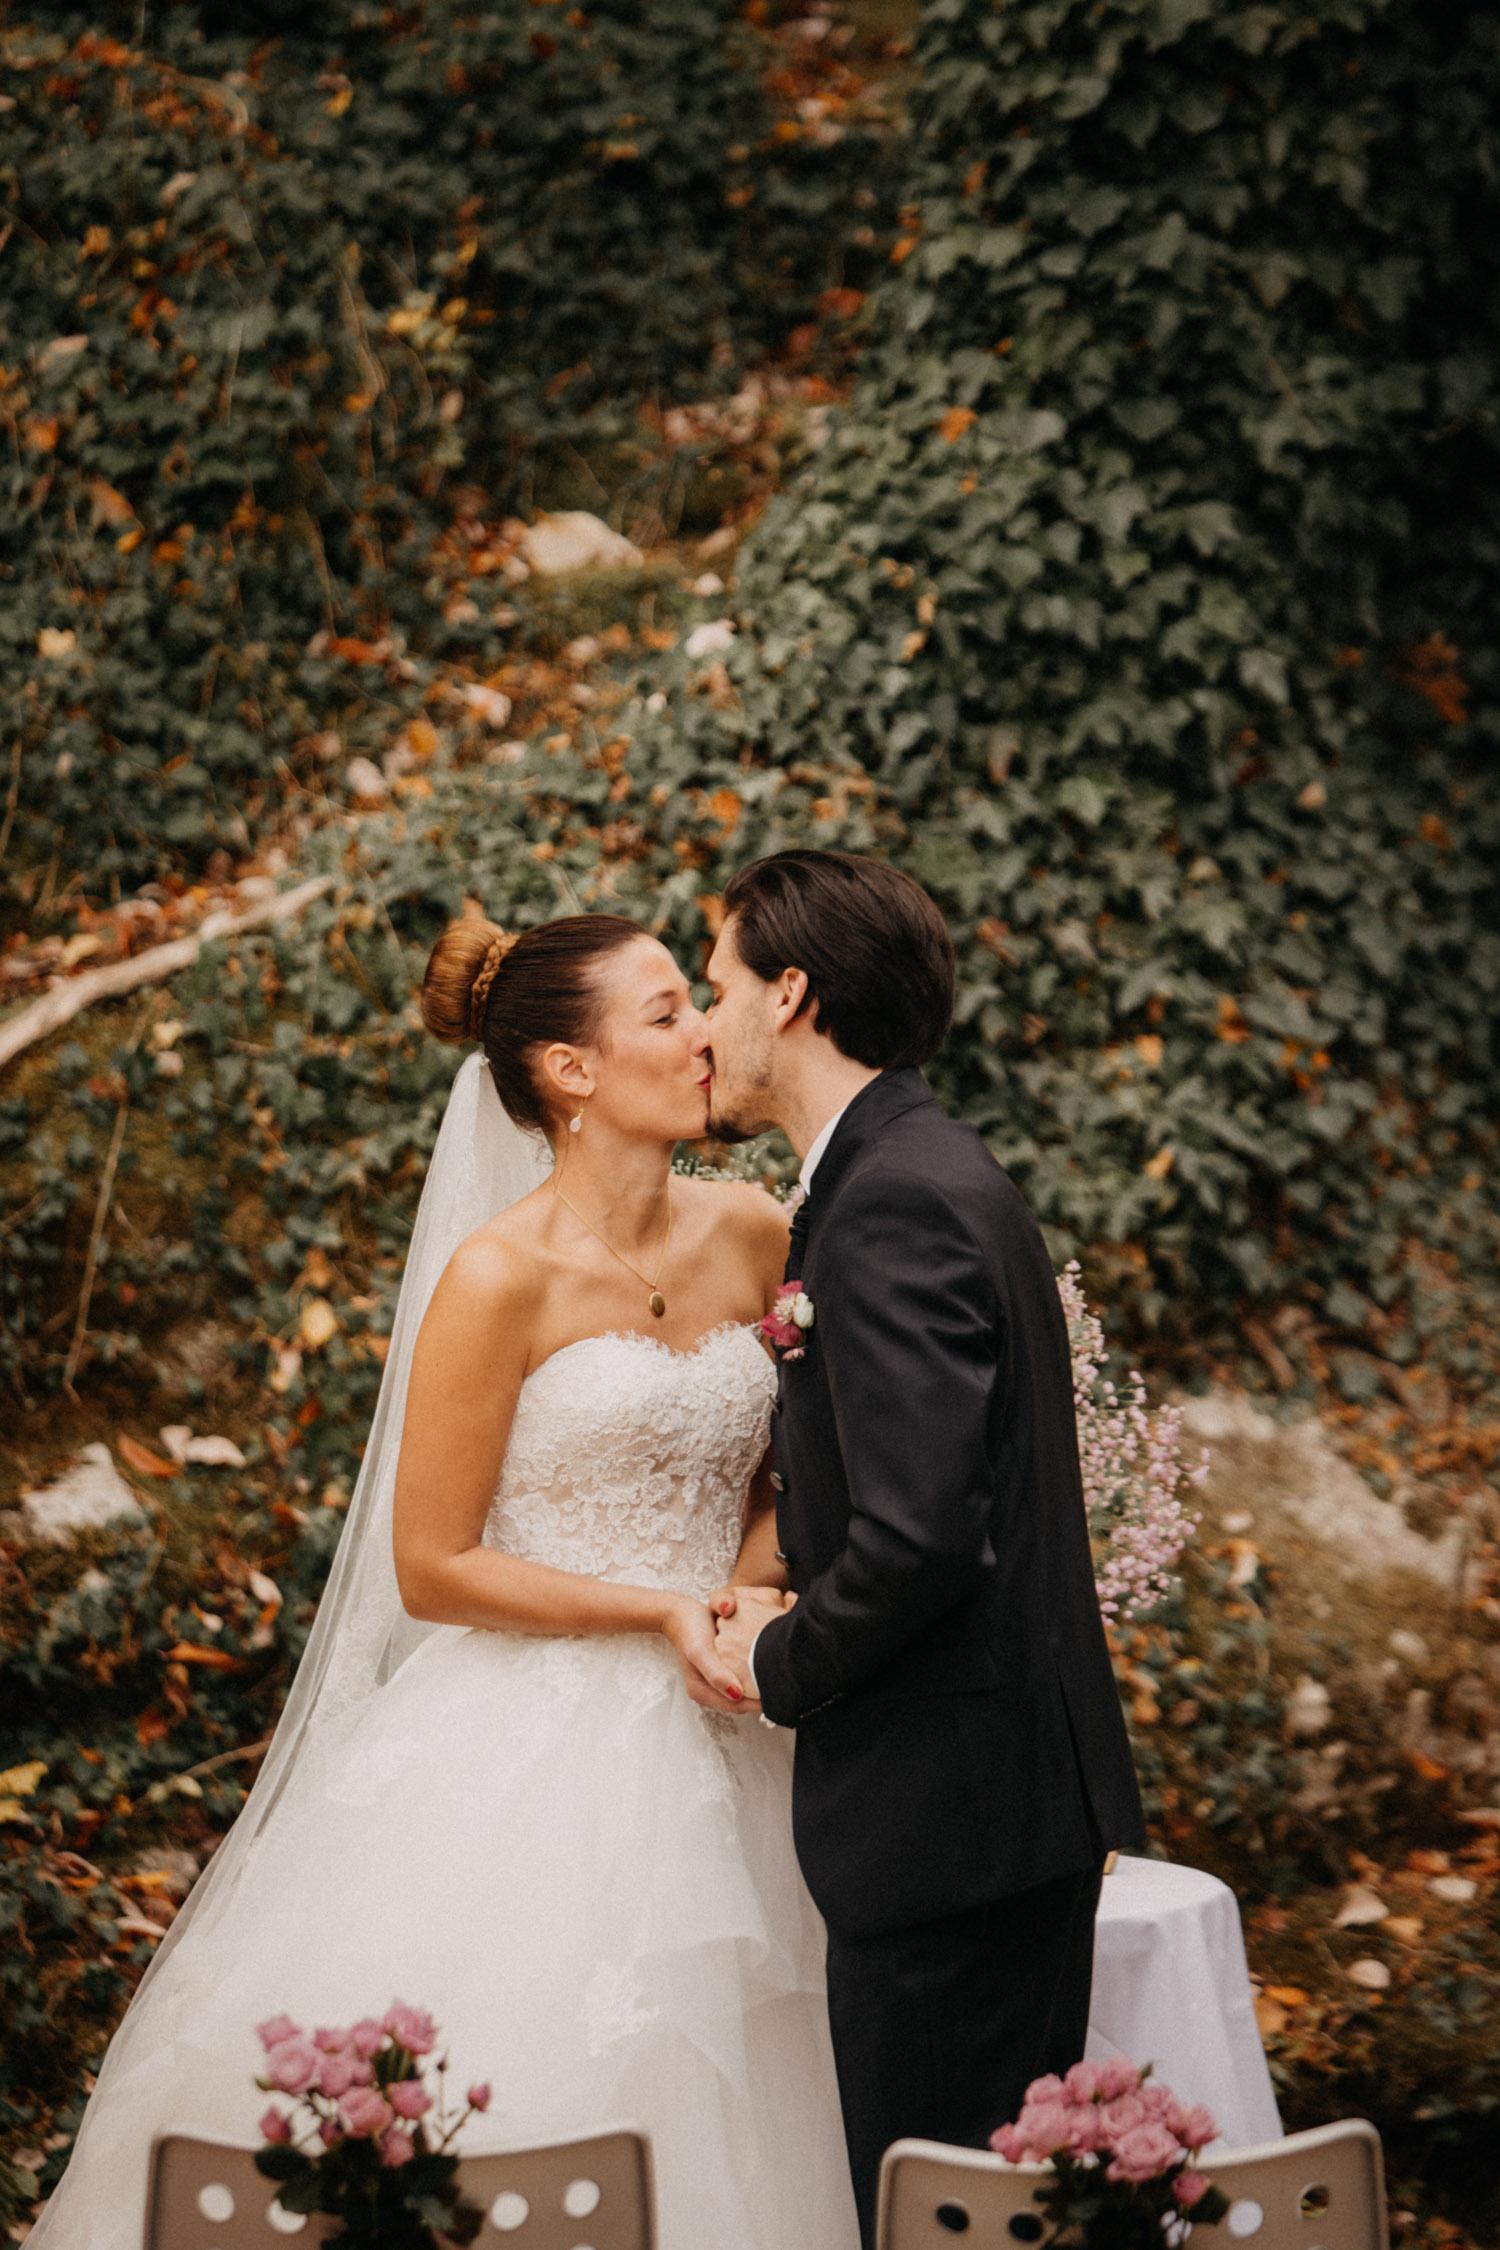 Hochzeitsfotografie Basel Schweiz Schloss Wildenstein Outdoor Trauung Freie Trauung First Kiss Kuss